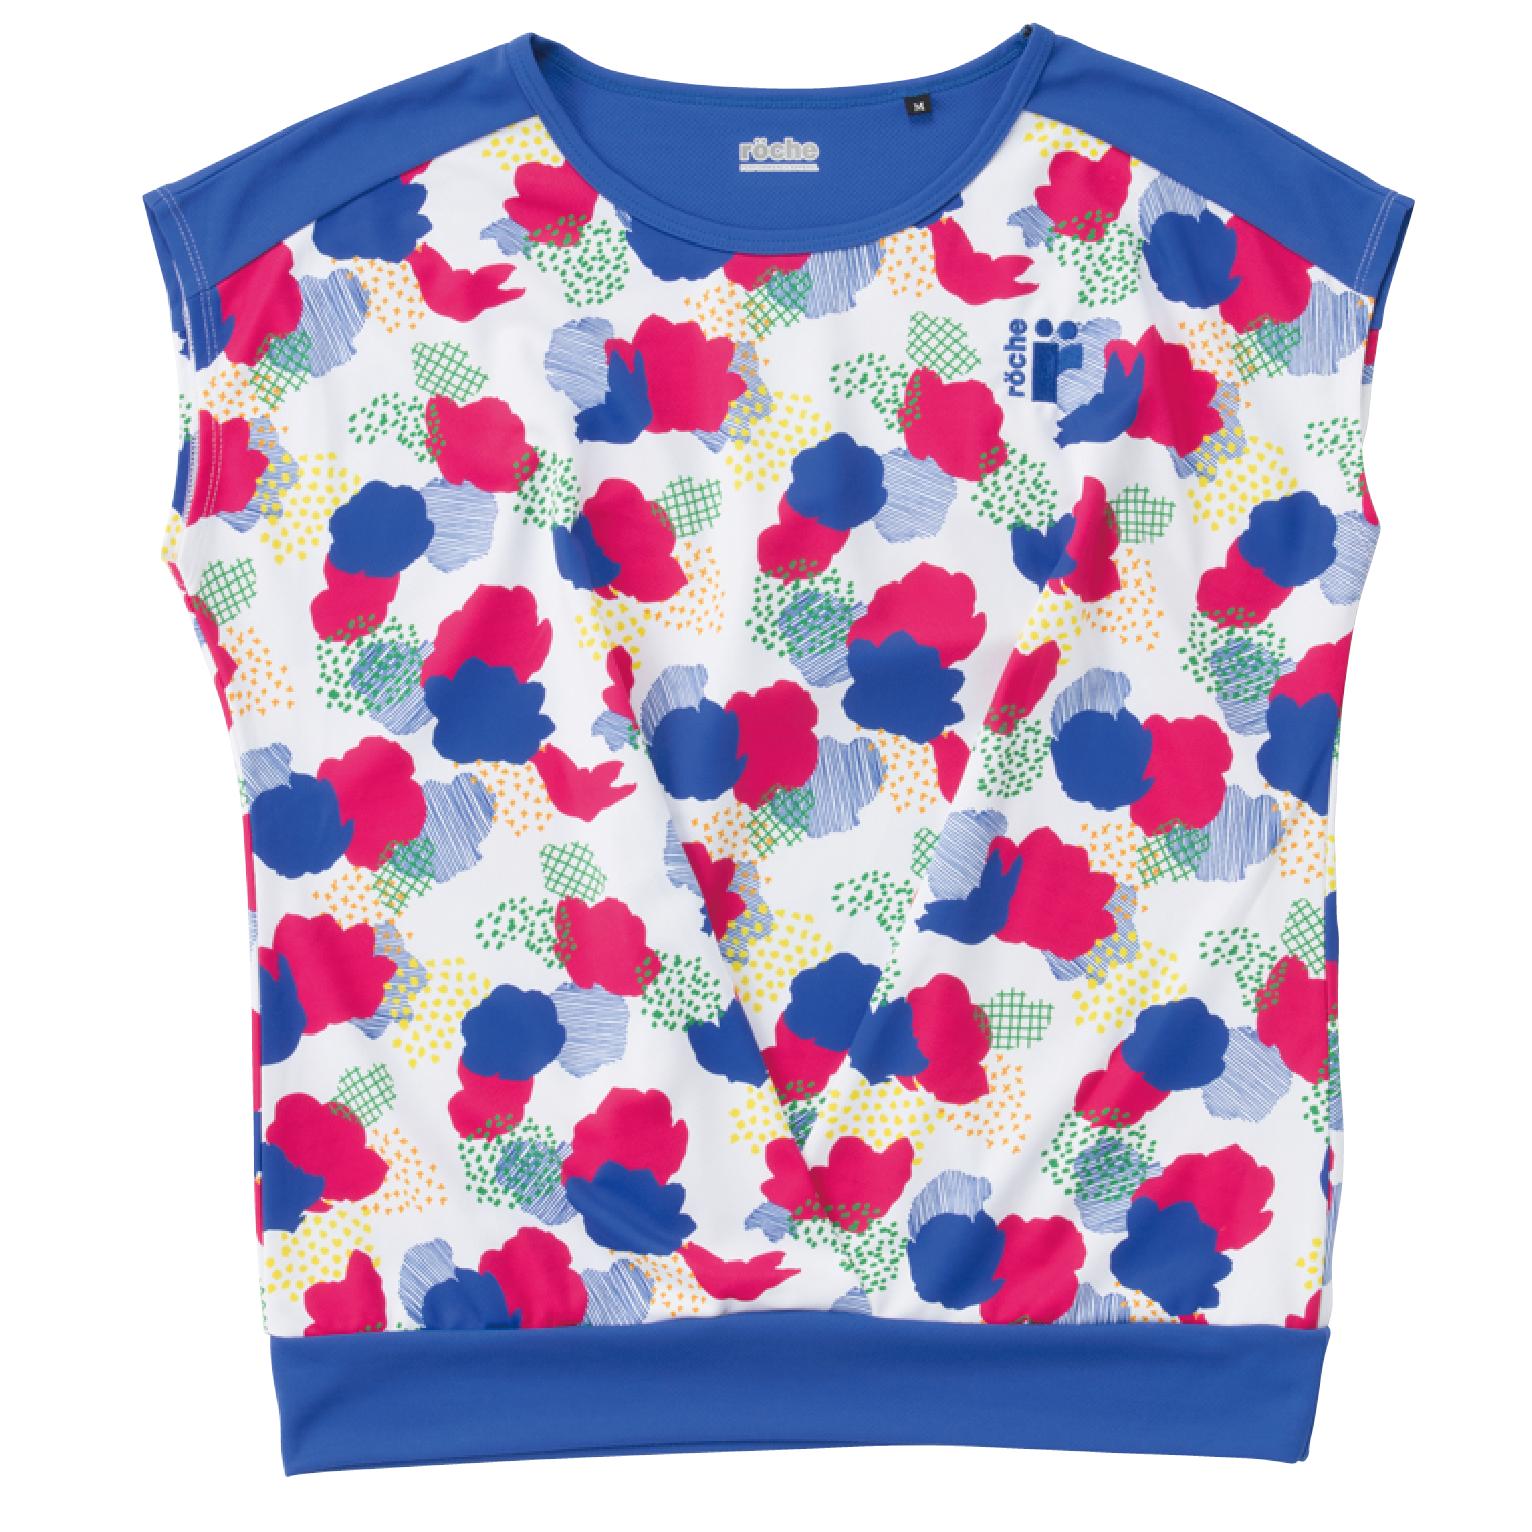 レディースゲームシャツ ブルーS【R8S34】